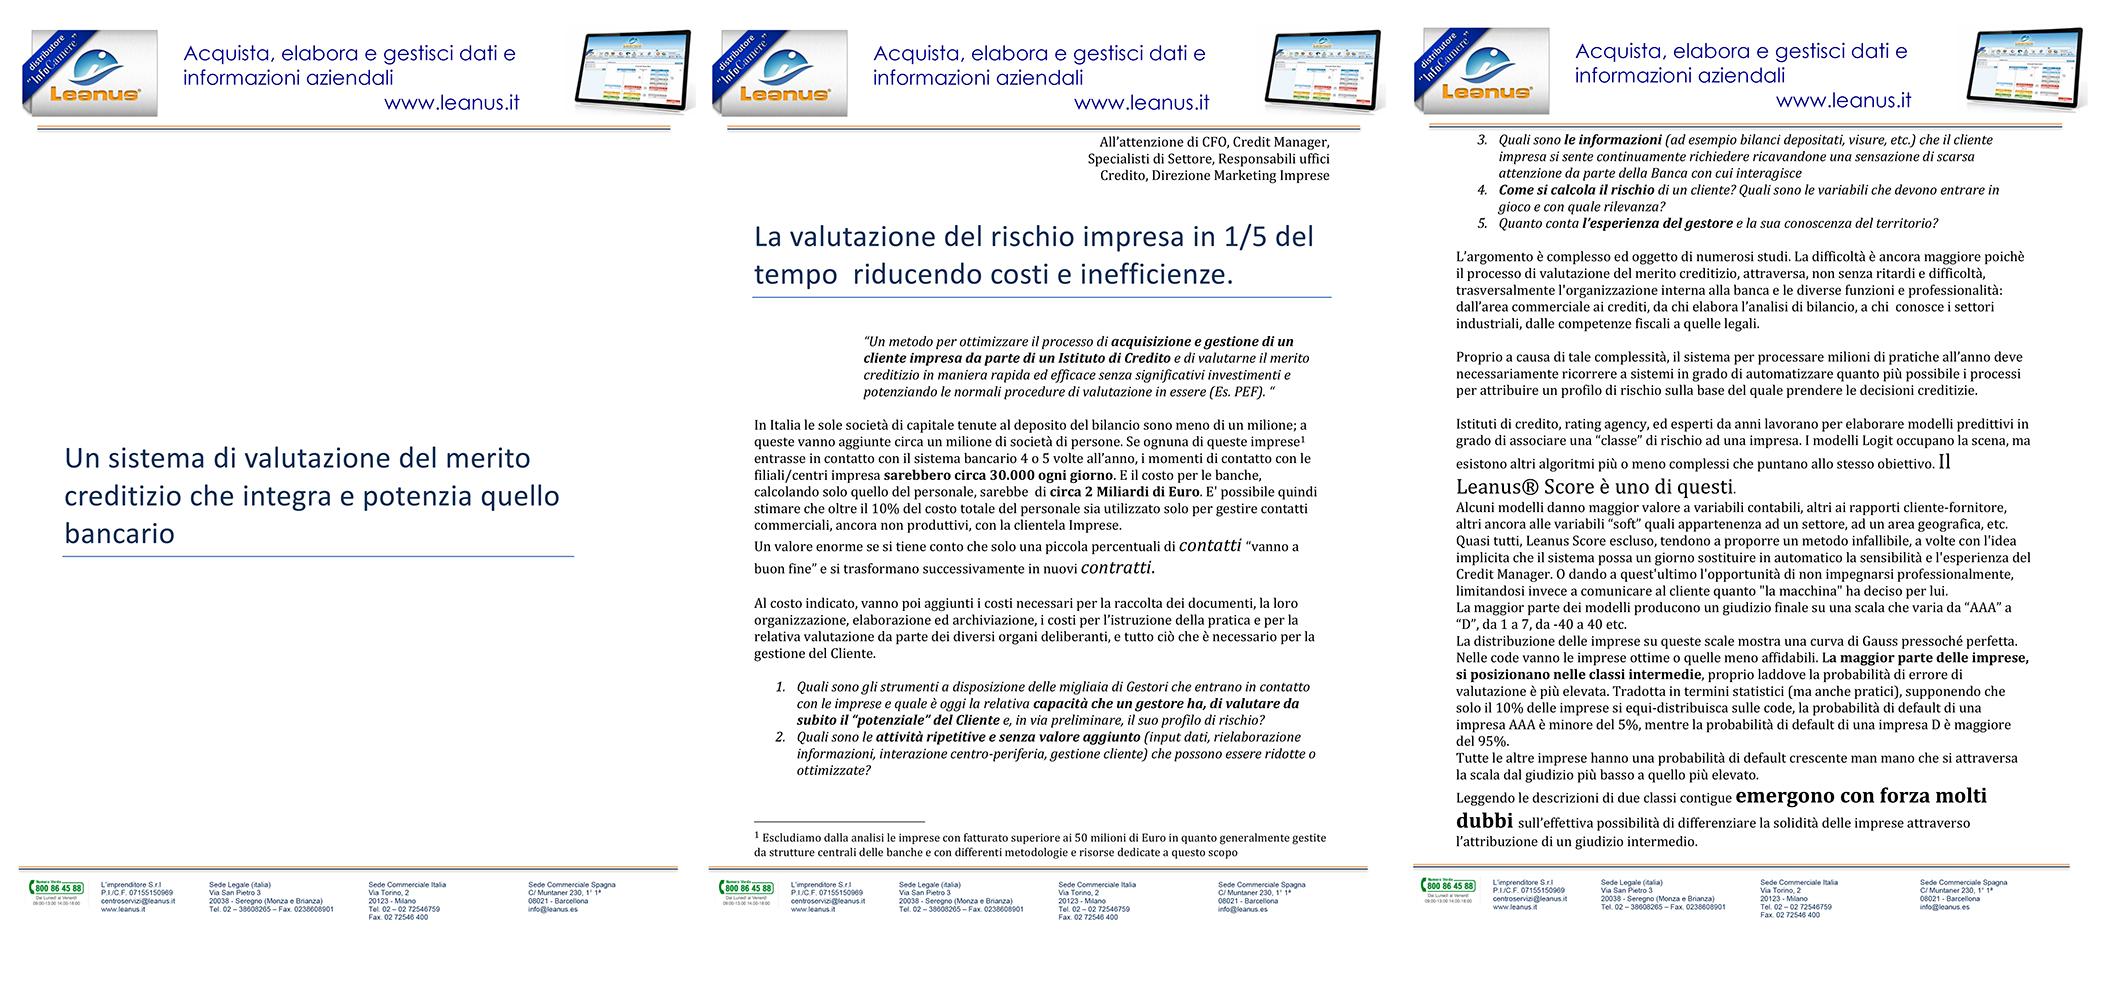 La valutazione del rischio impresa_2015.docx b03